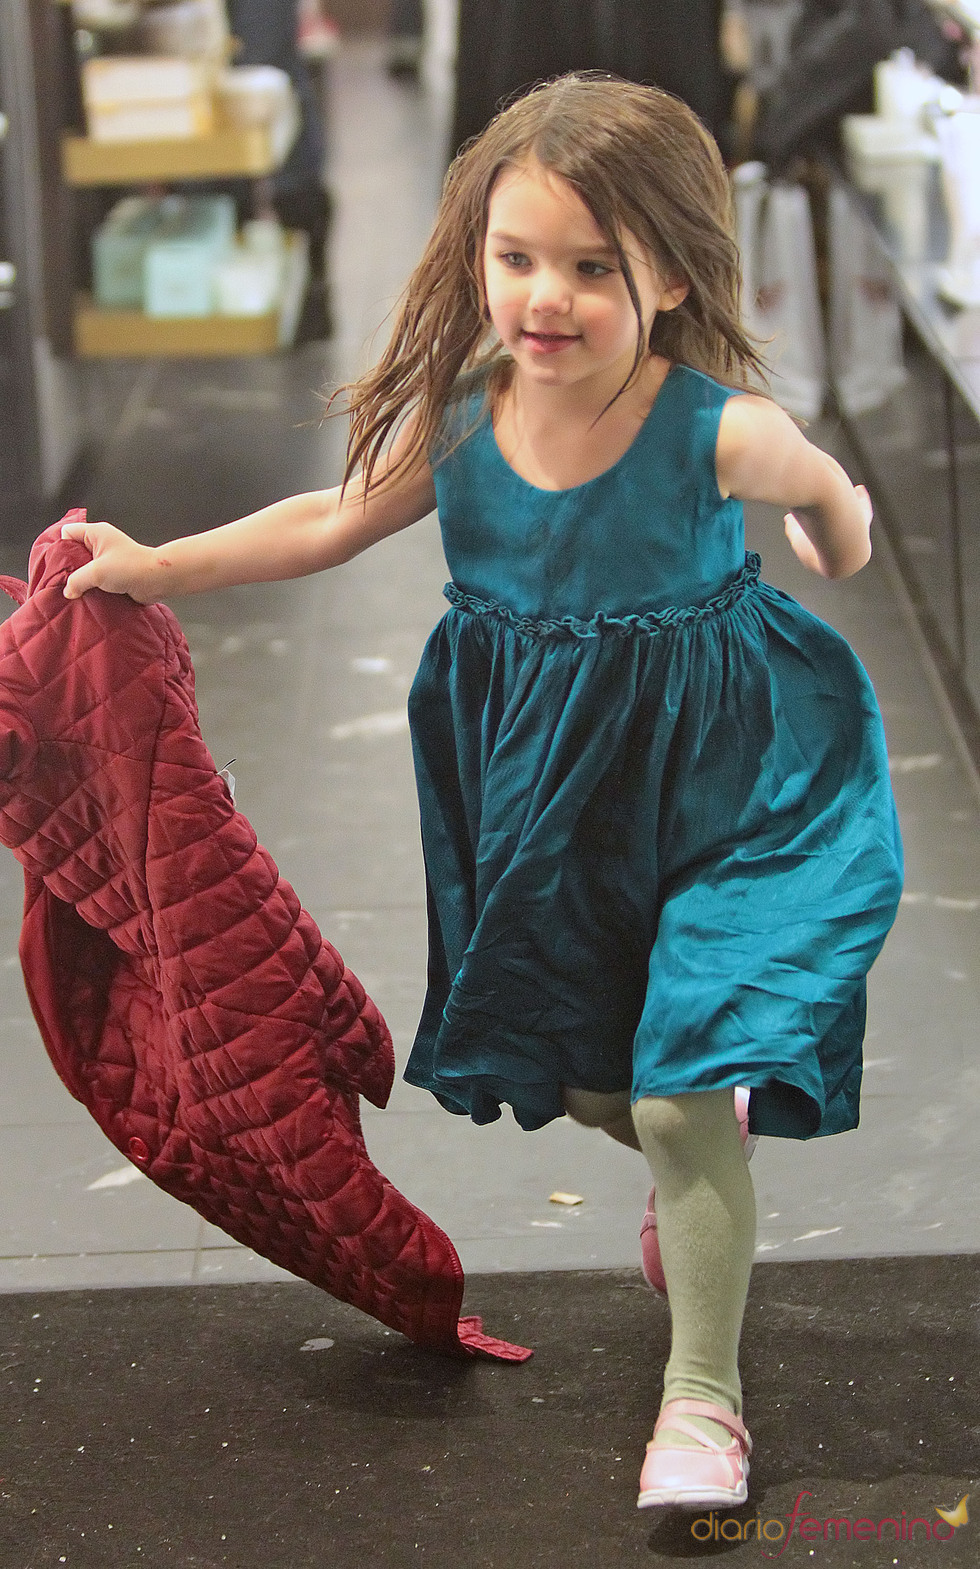 Faldas de mi hija por debajo - 2 part 1